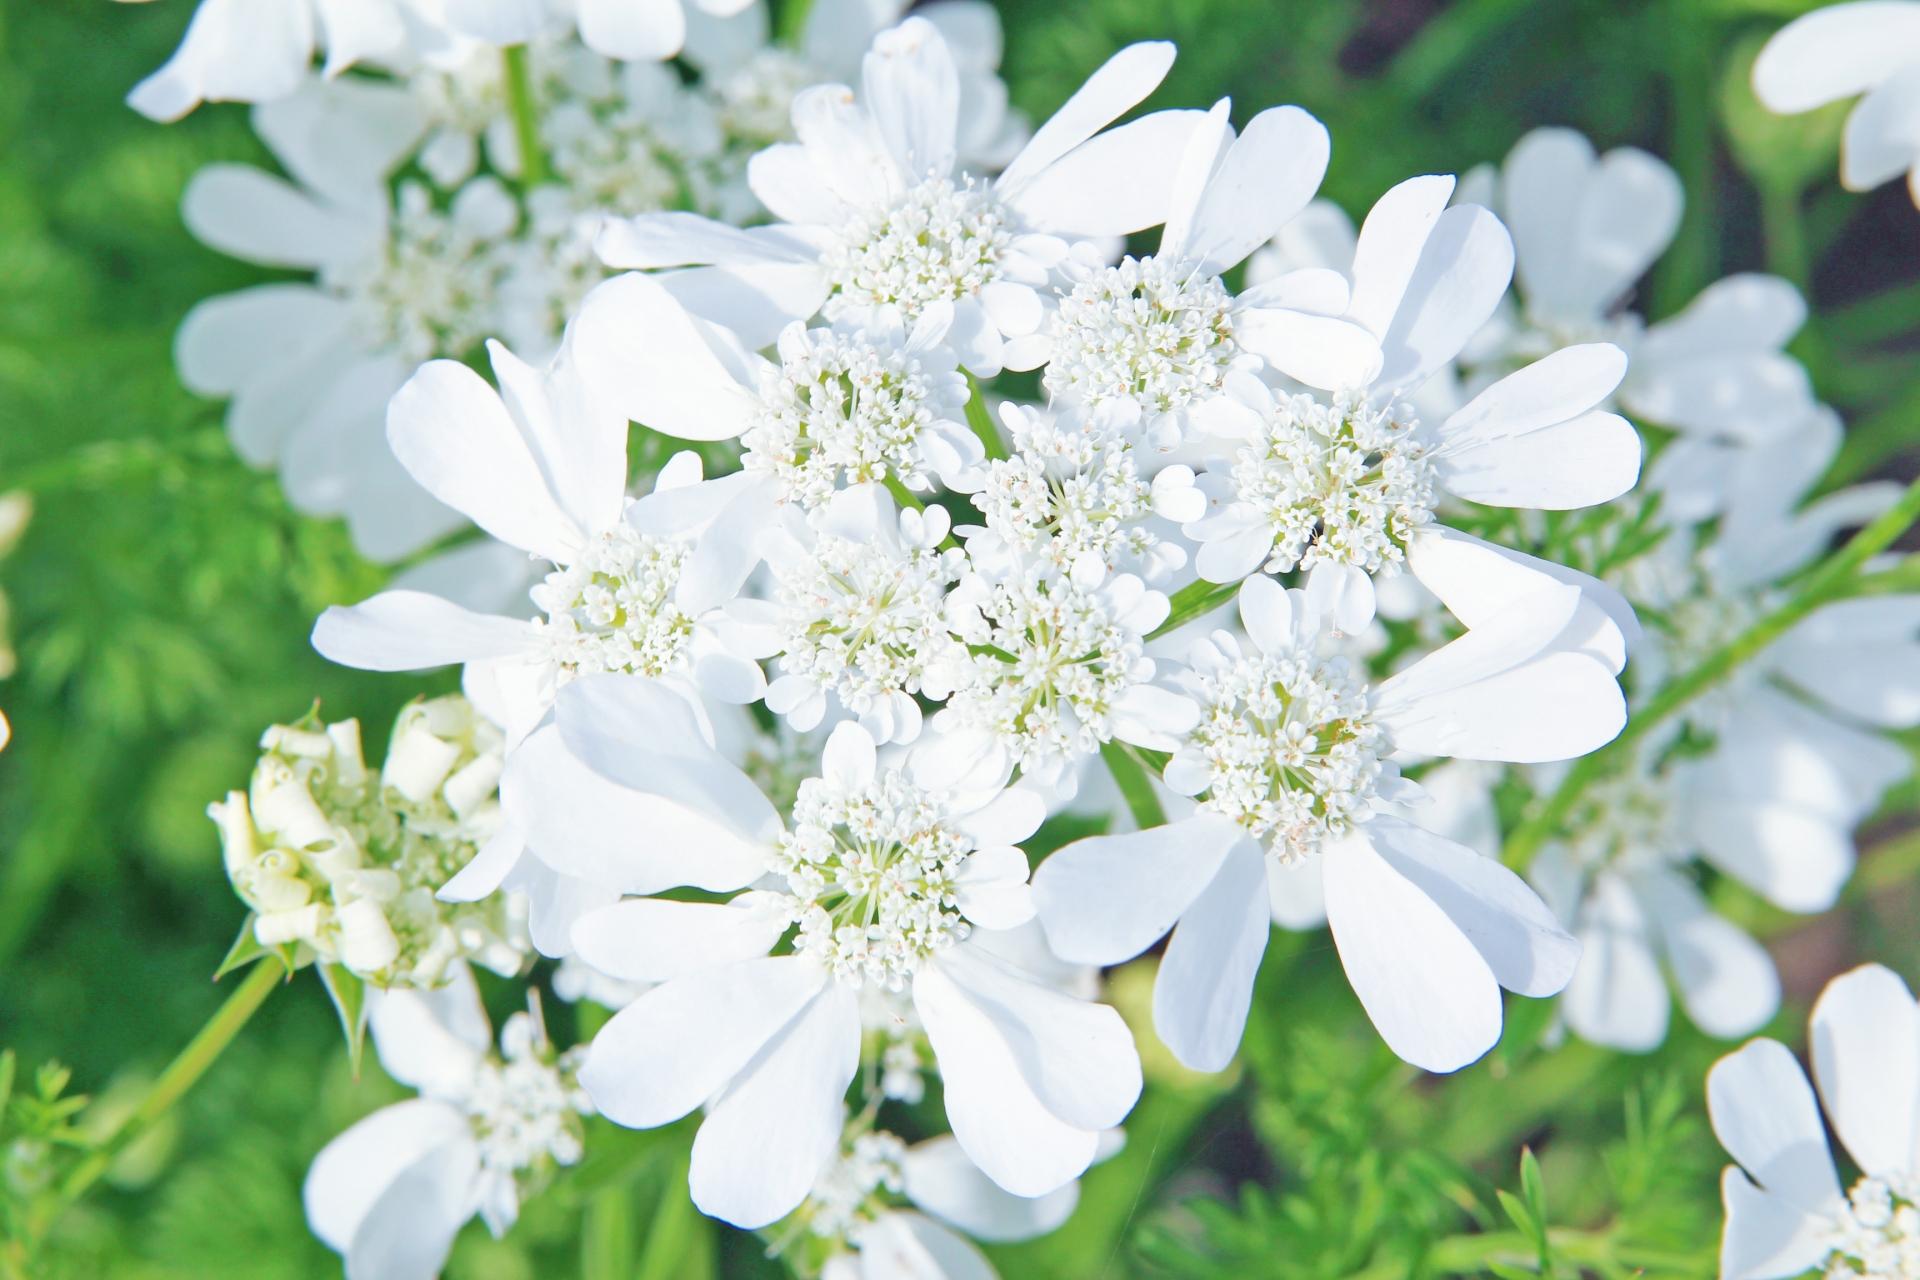 ガーデン用品屋さんの花図鑑 オルレア ホワイトレース